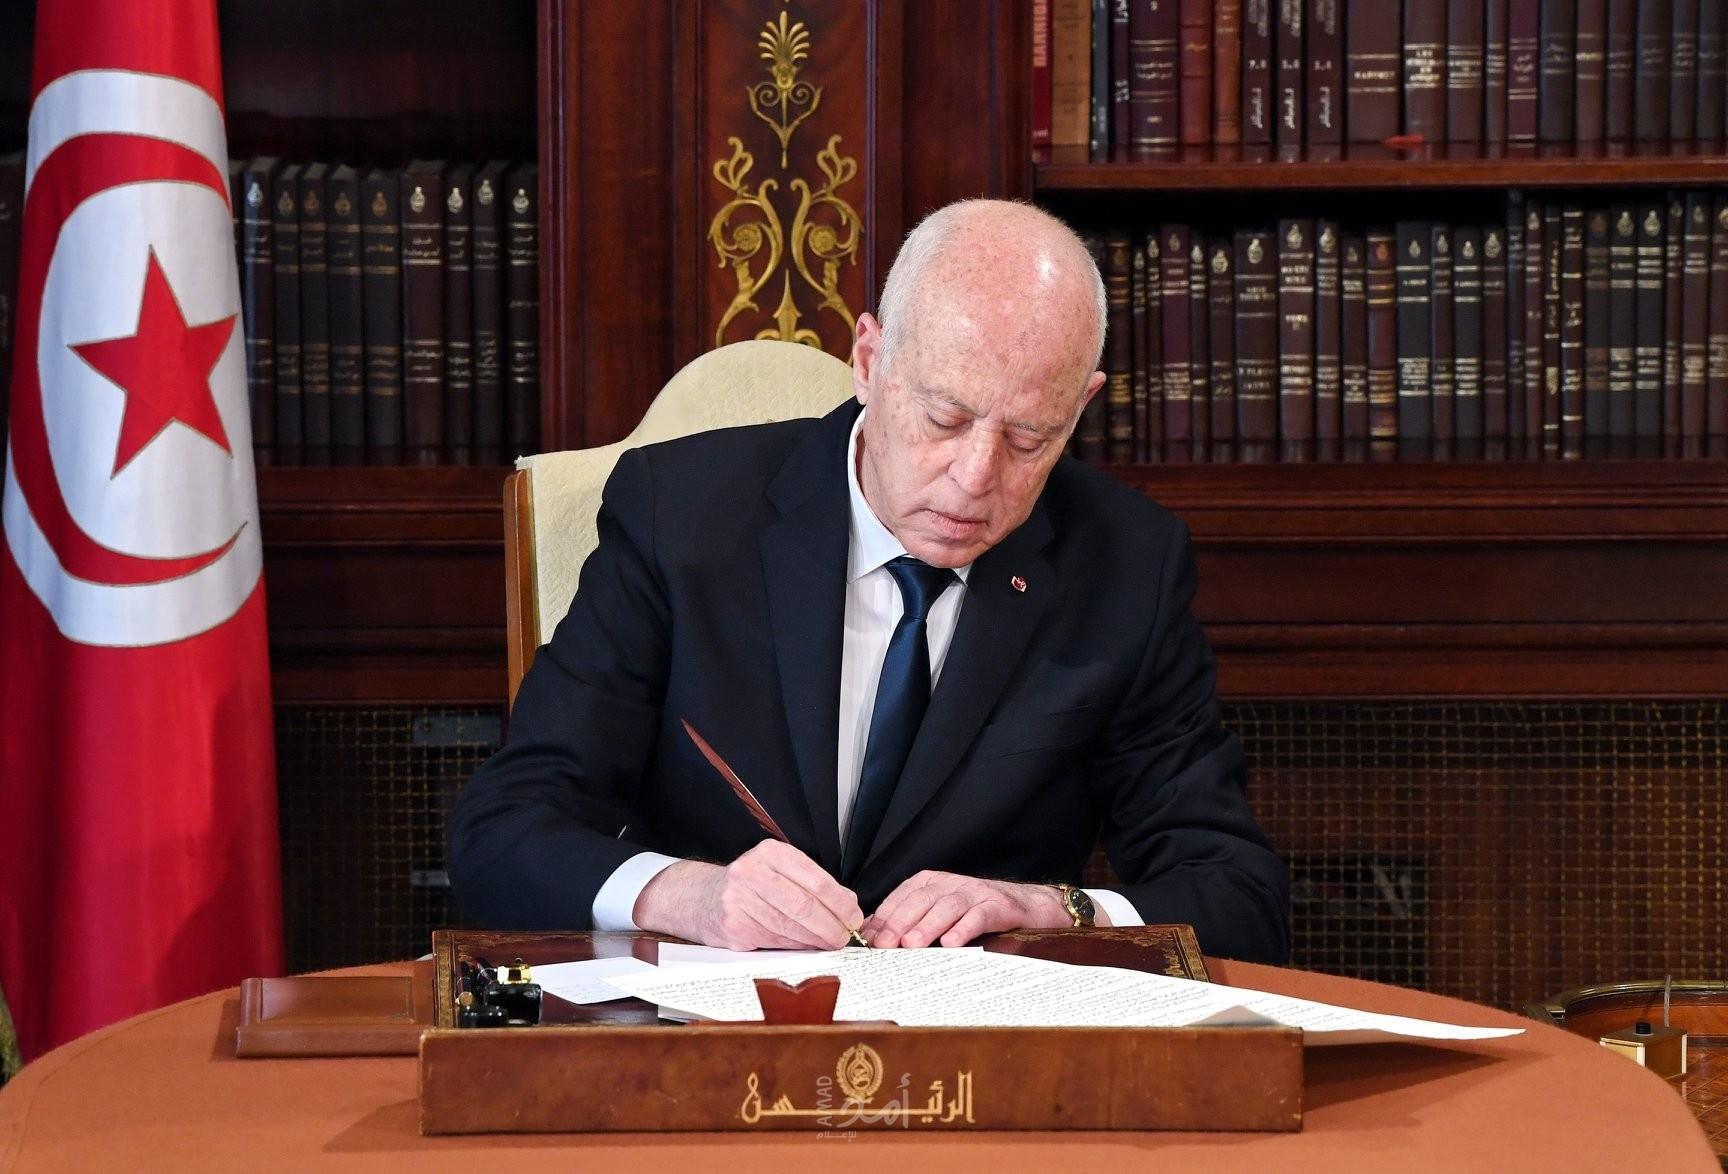 الرئيس التونسي يقيل عدد من المسؤولين الكبار